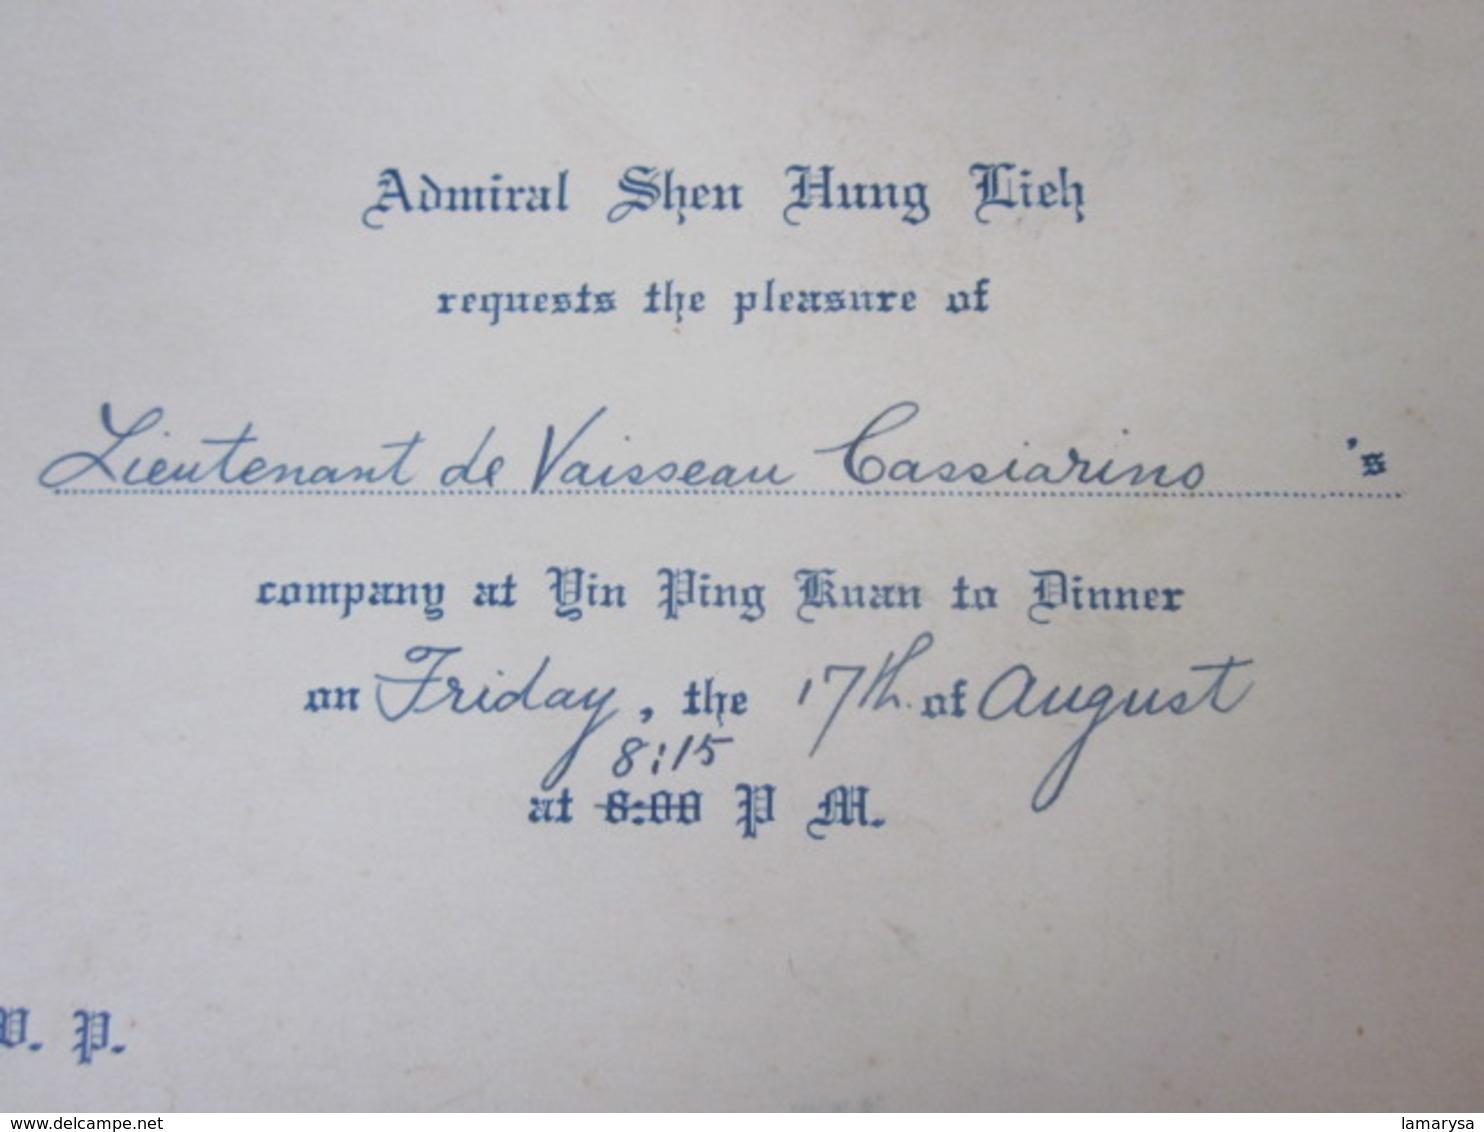 Militaria ADMIRAL SHEN HUNG LIEH REQUIEST TO PLEASURE OF LIEUTENANT DE VAISSEAU CASSIARINO CIE VIN PING KUAN Faire Part - Faire-part